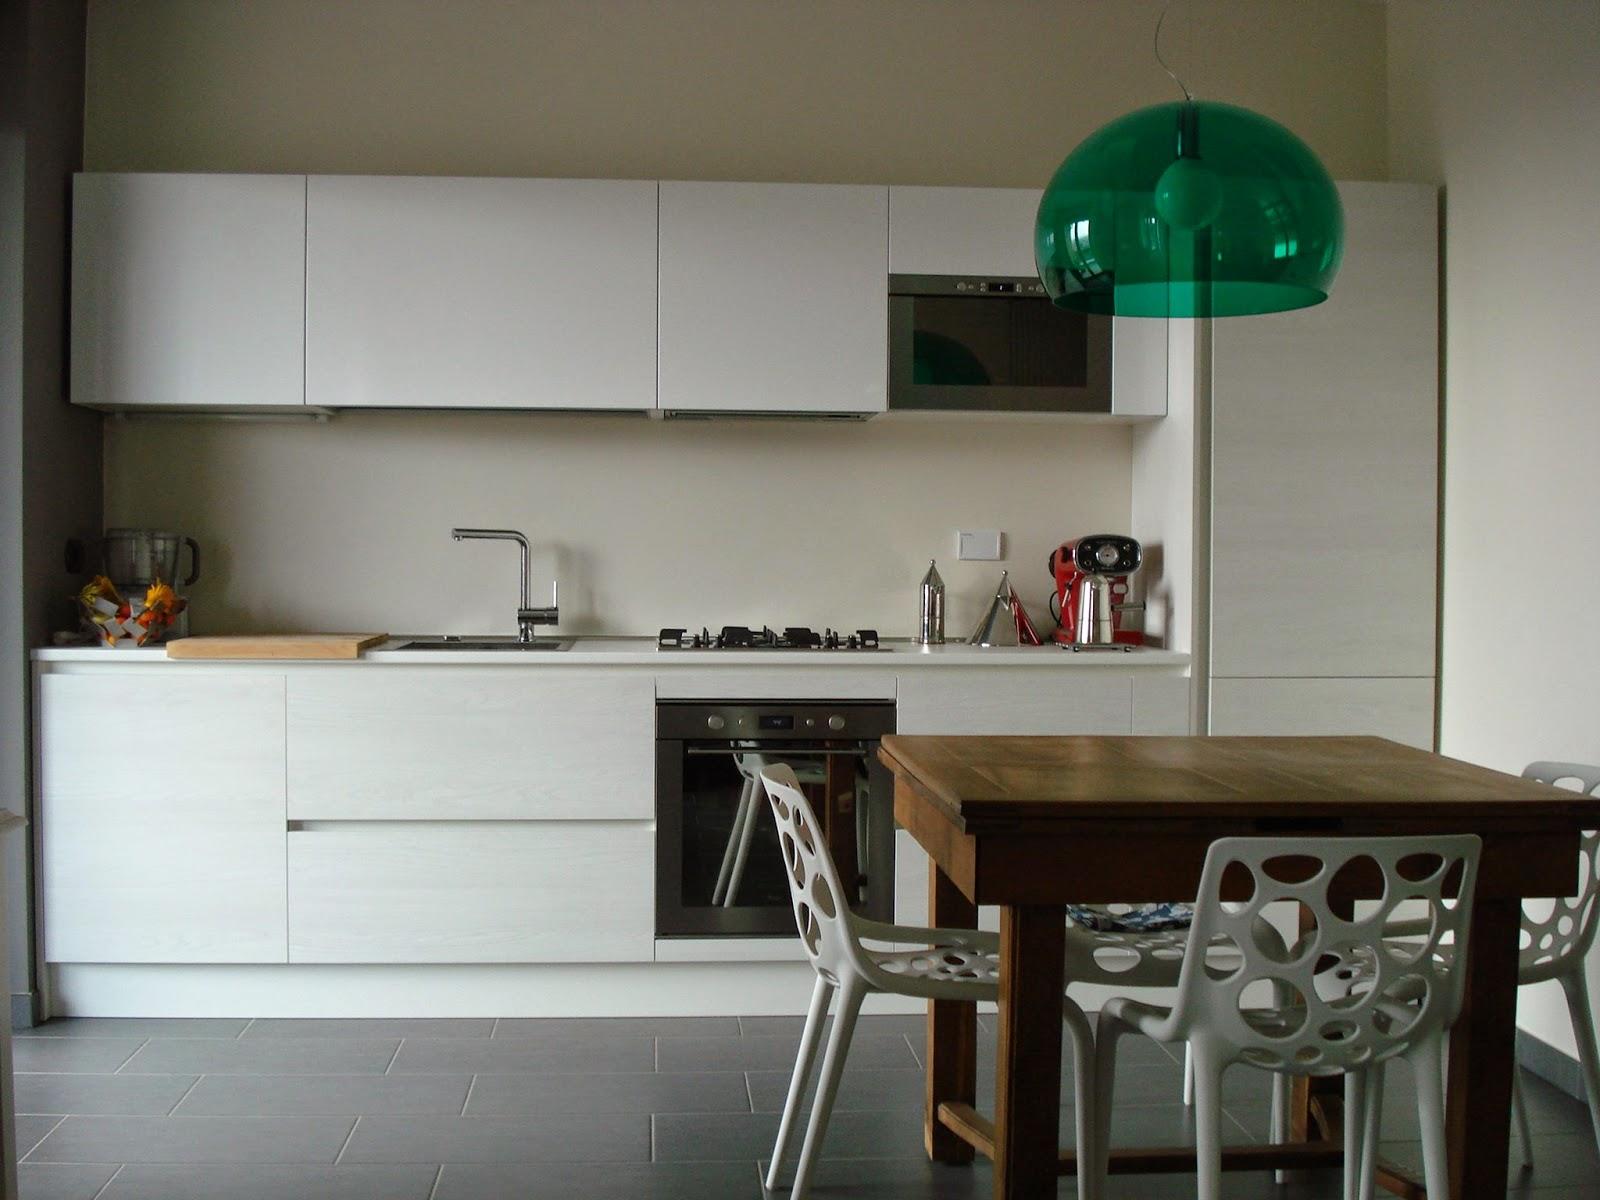 Loft abitare semplicit e funzionalit - Mobile per incasso forno e piano cottura ...